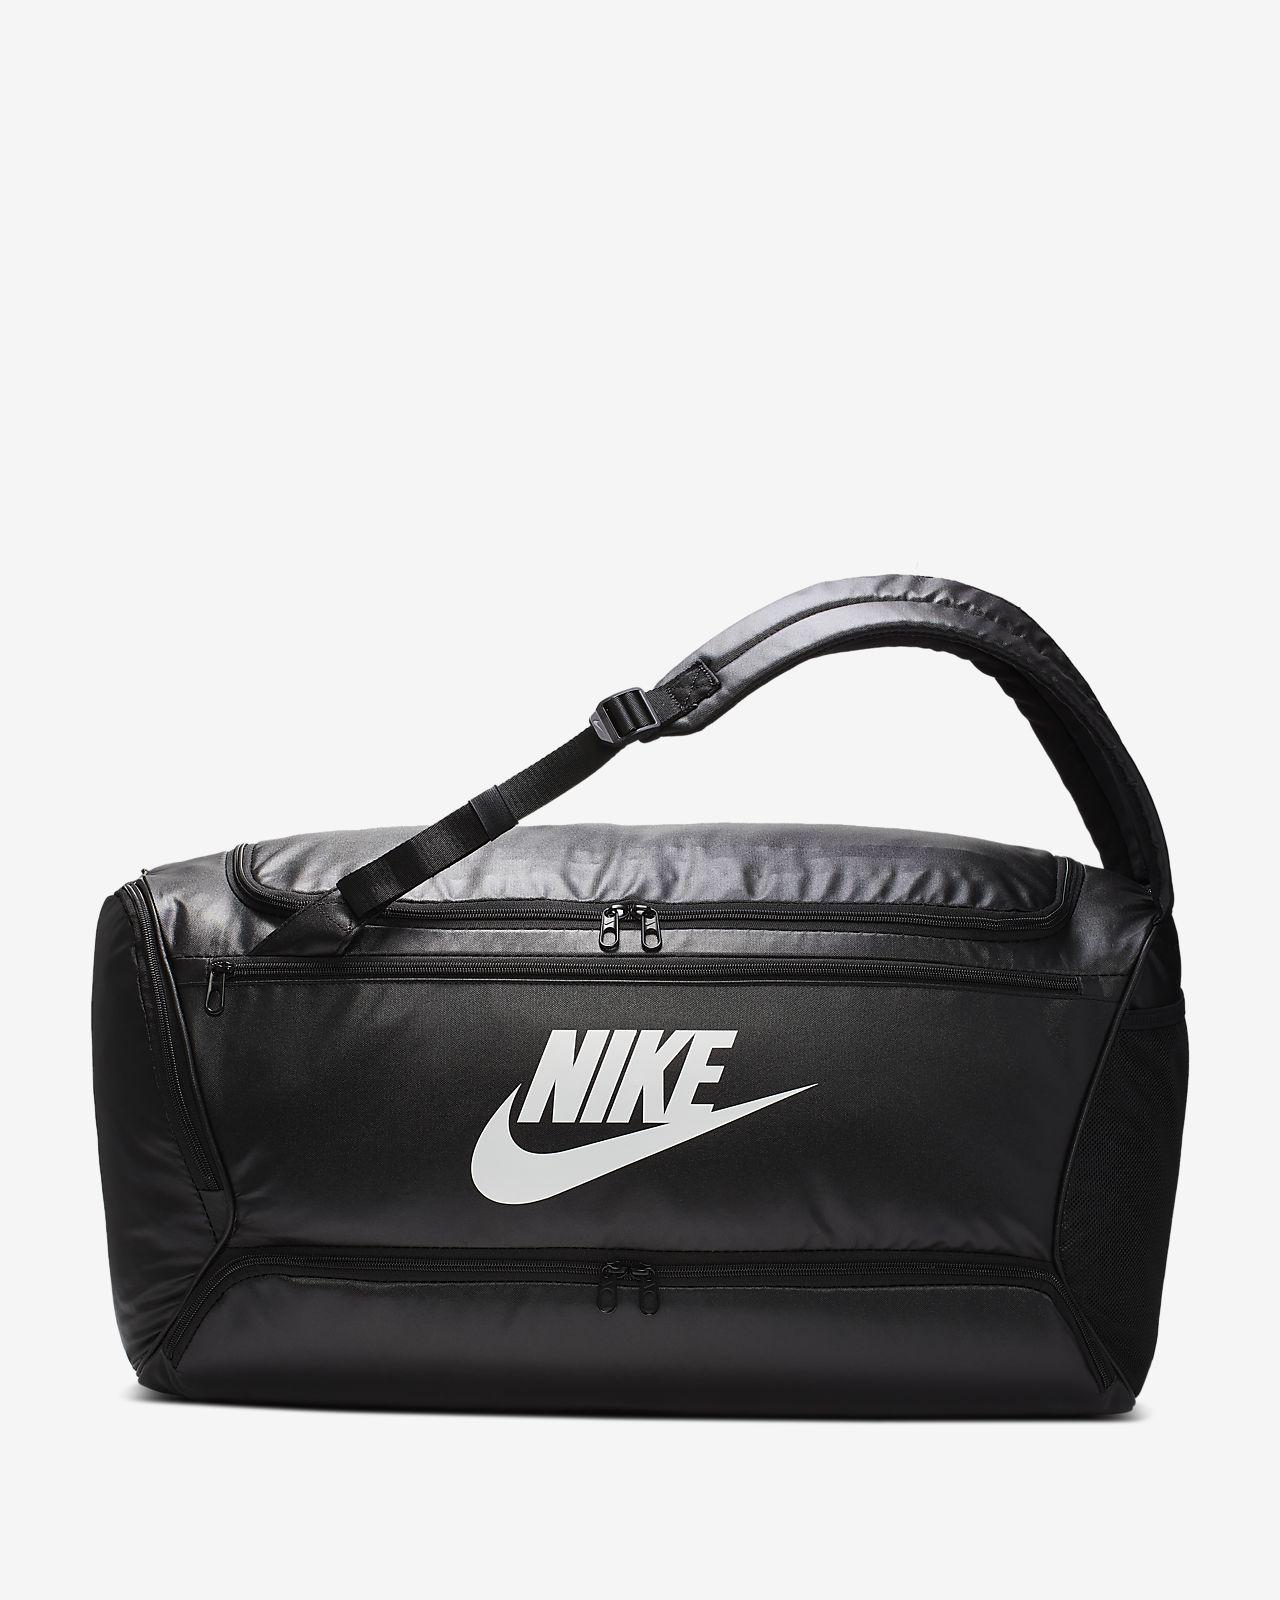 Nike Gym Bags | Nike gym bag, Nike bags, Fashion bags